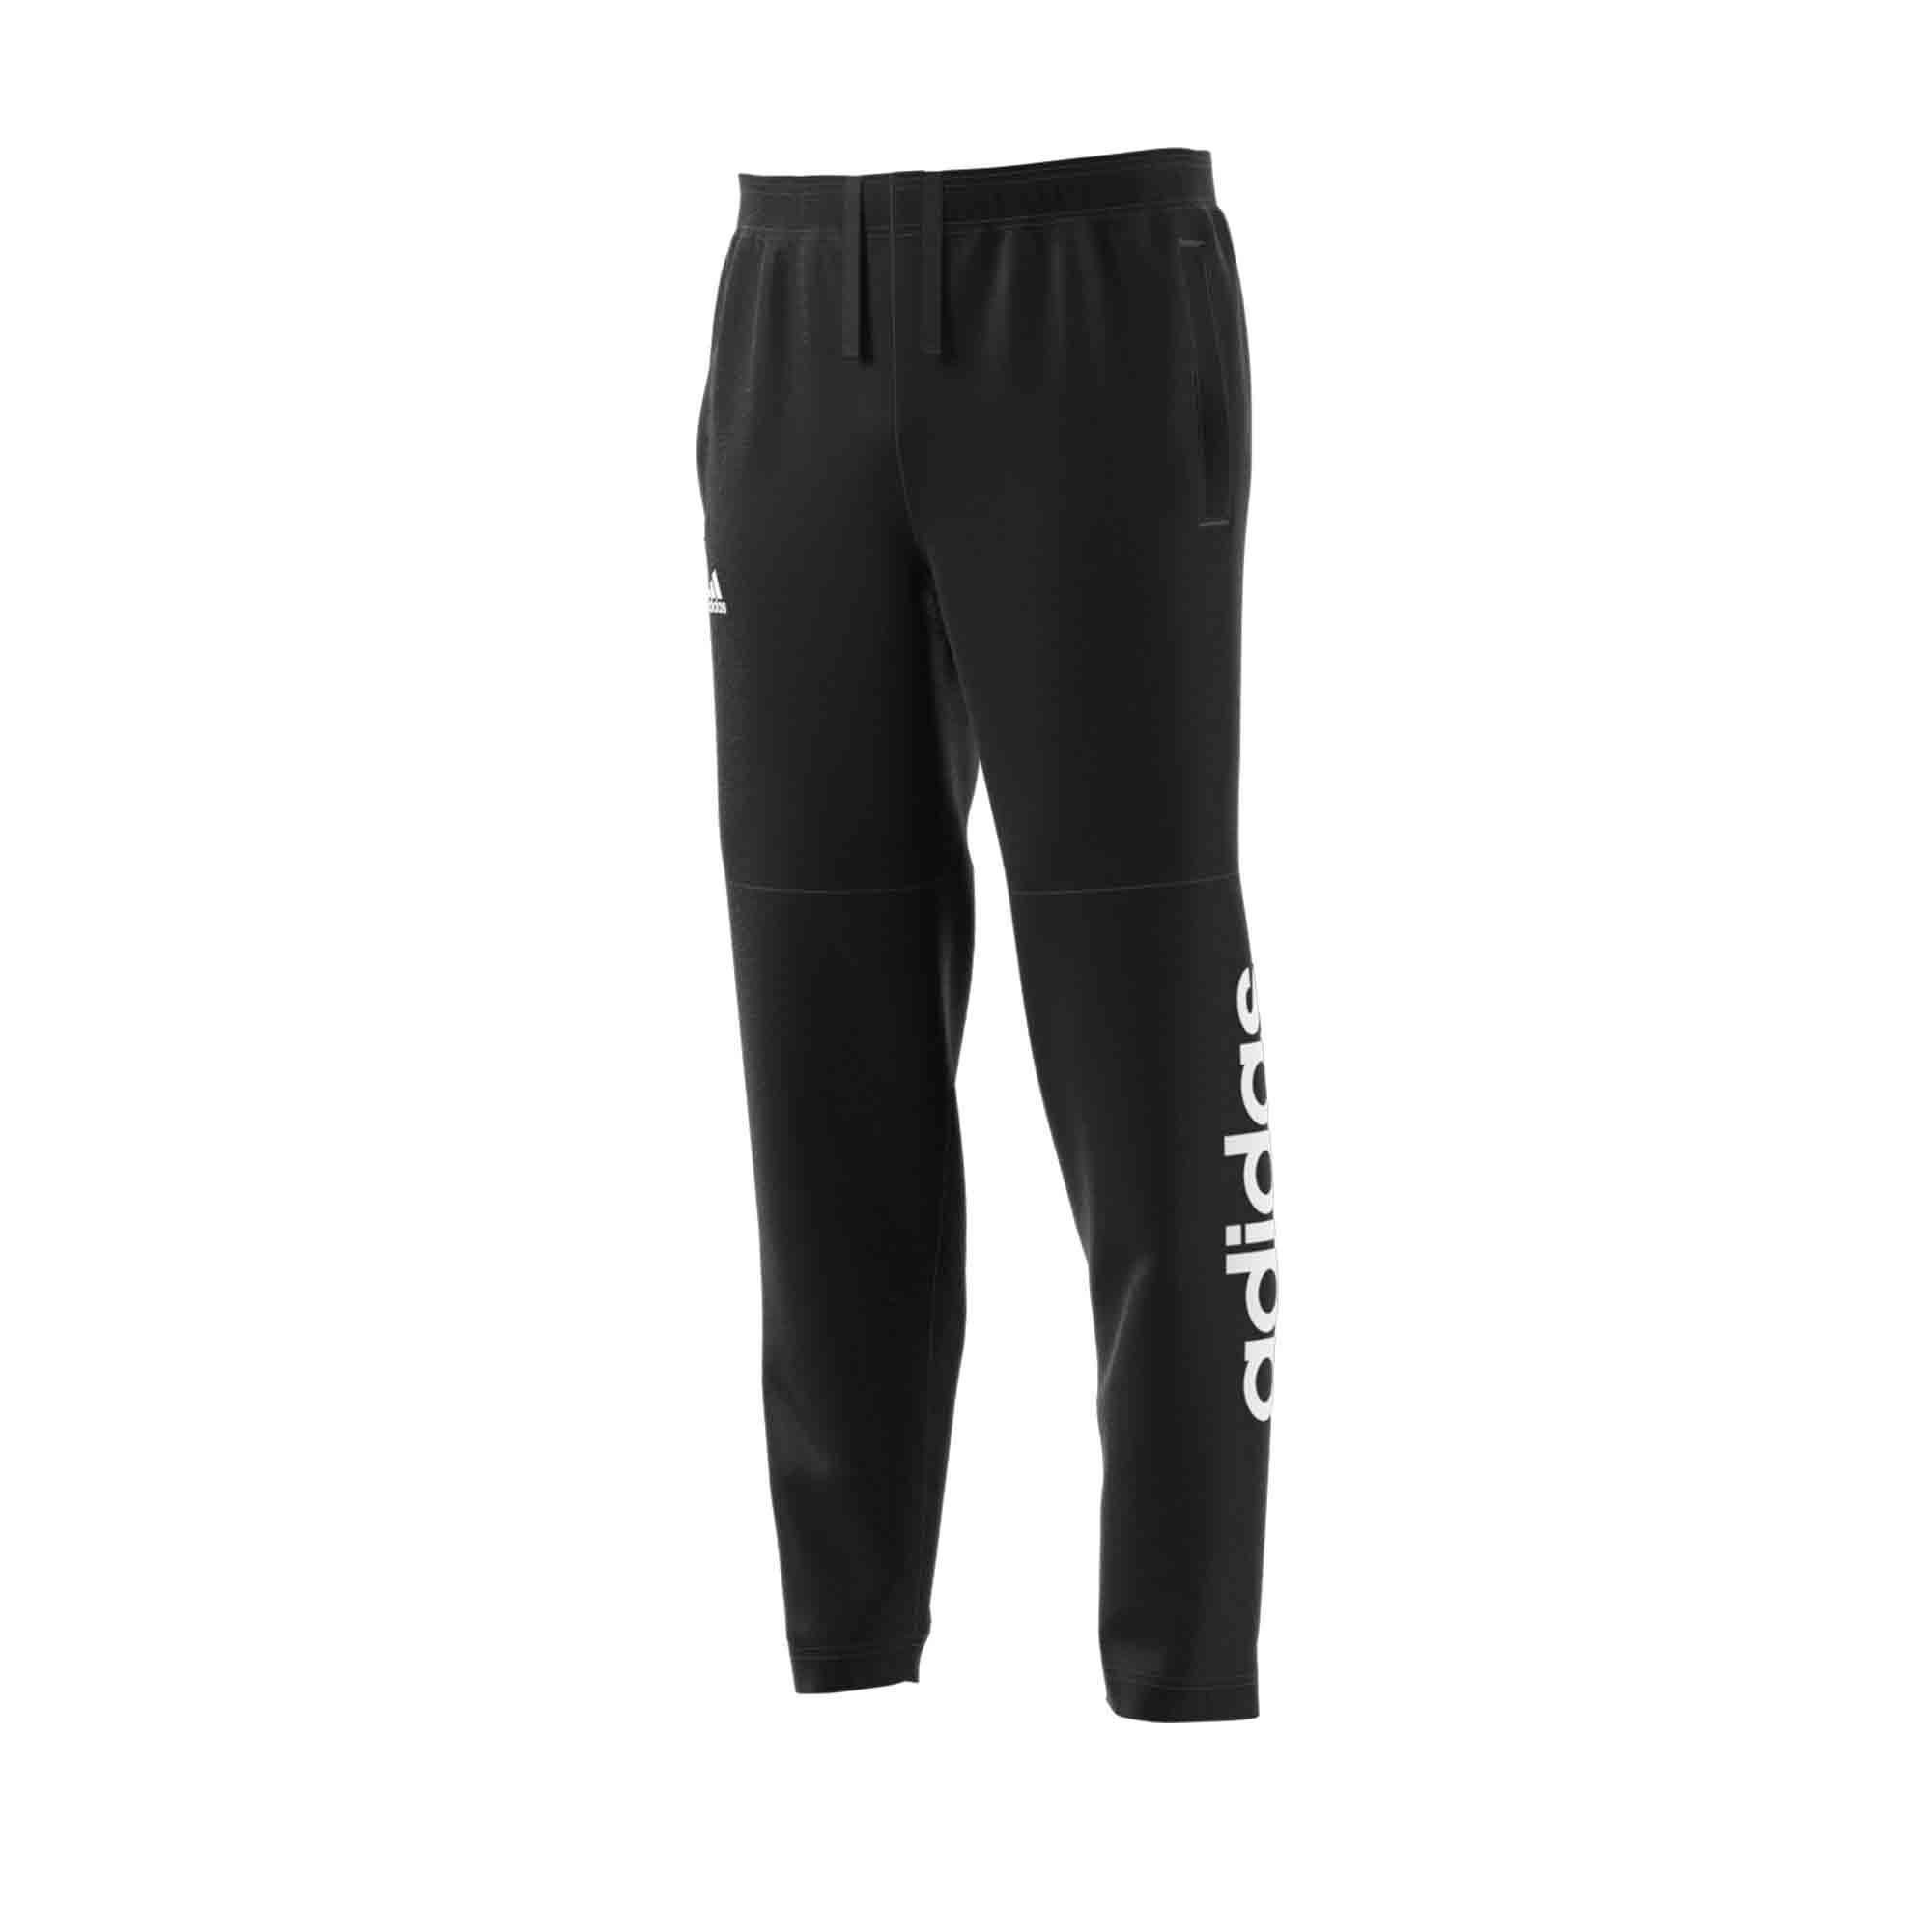 Adidas Gymbroek voor heren Adidas zwart